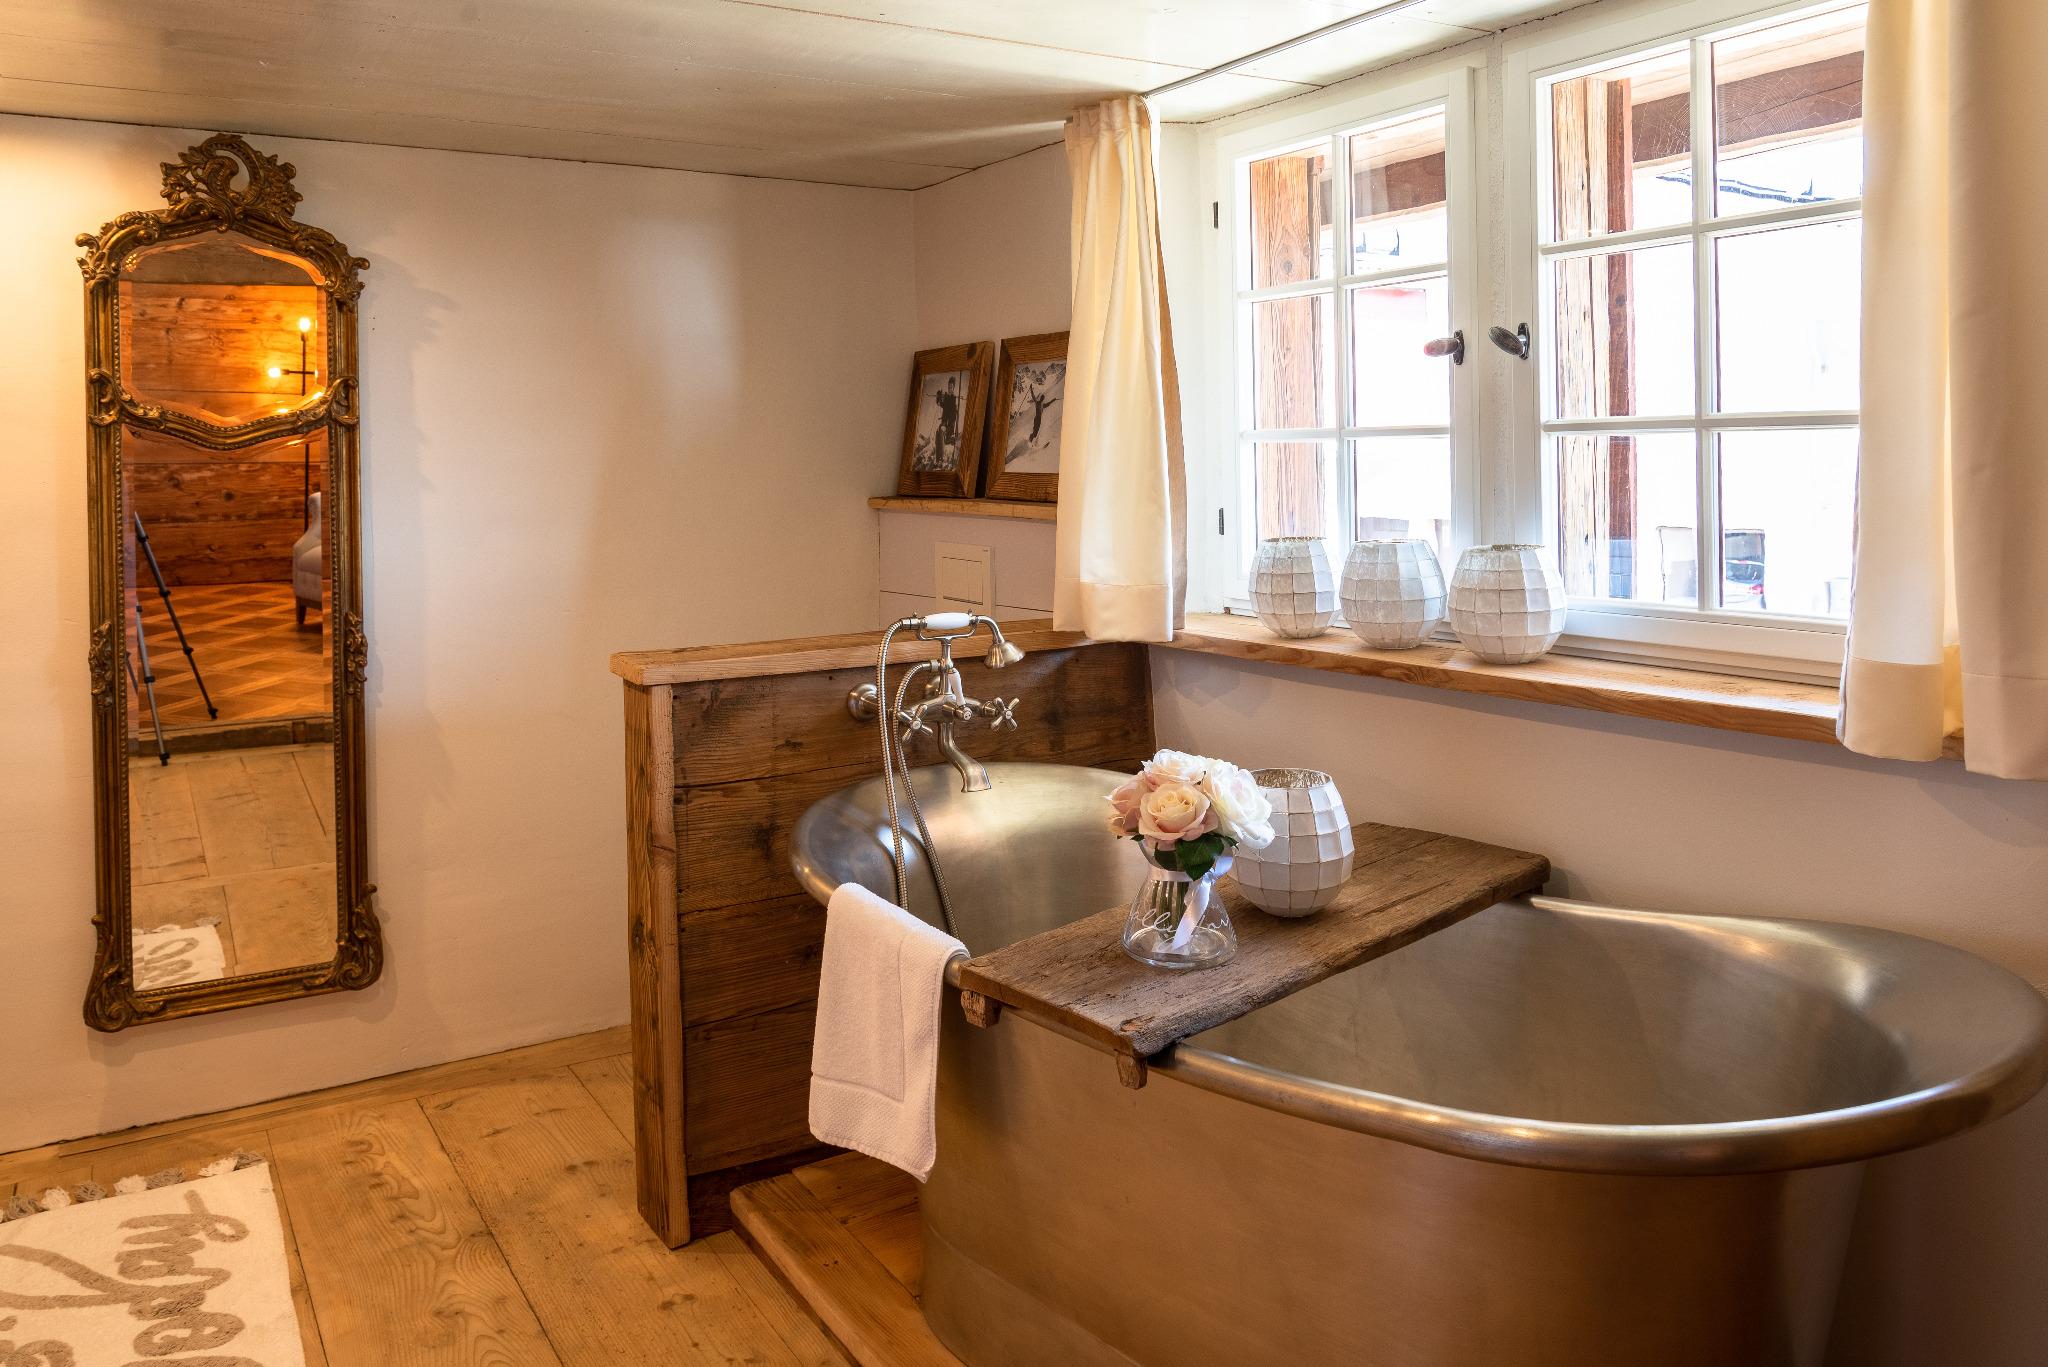 keiserskammer-bettwil-zimmer-bedandbreakfast-lilienzimmer-badewanne antik